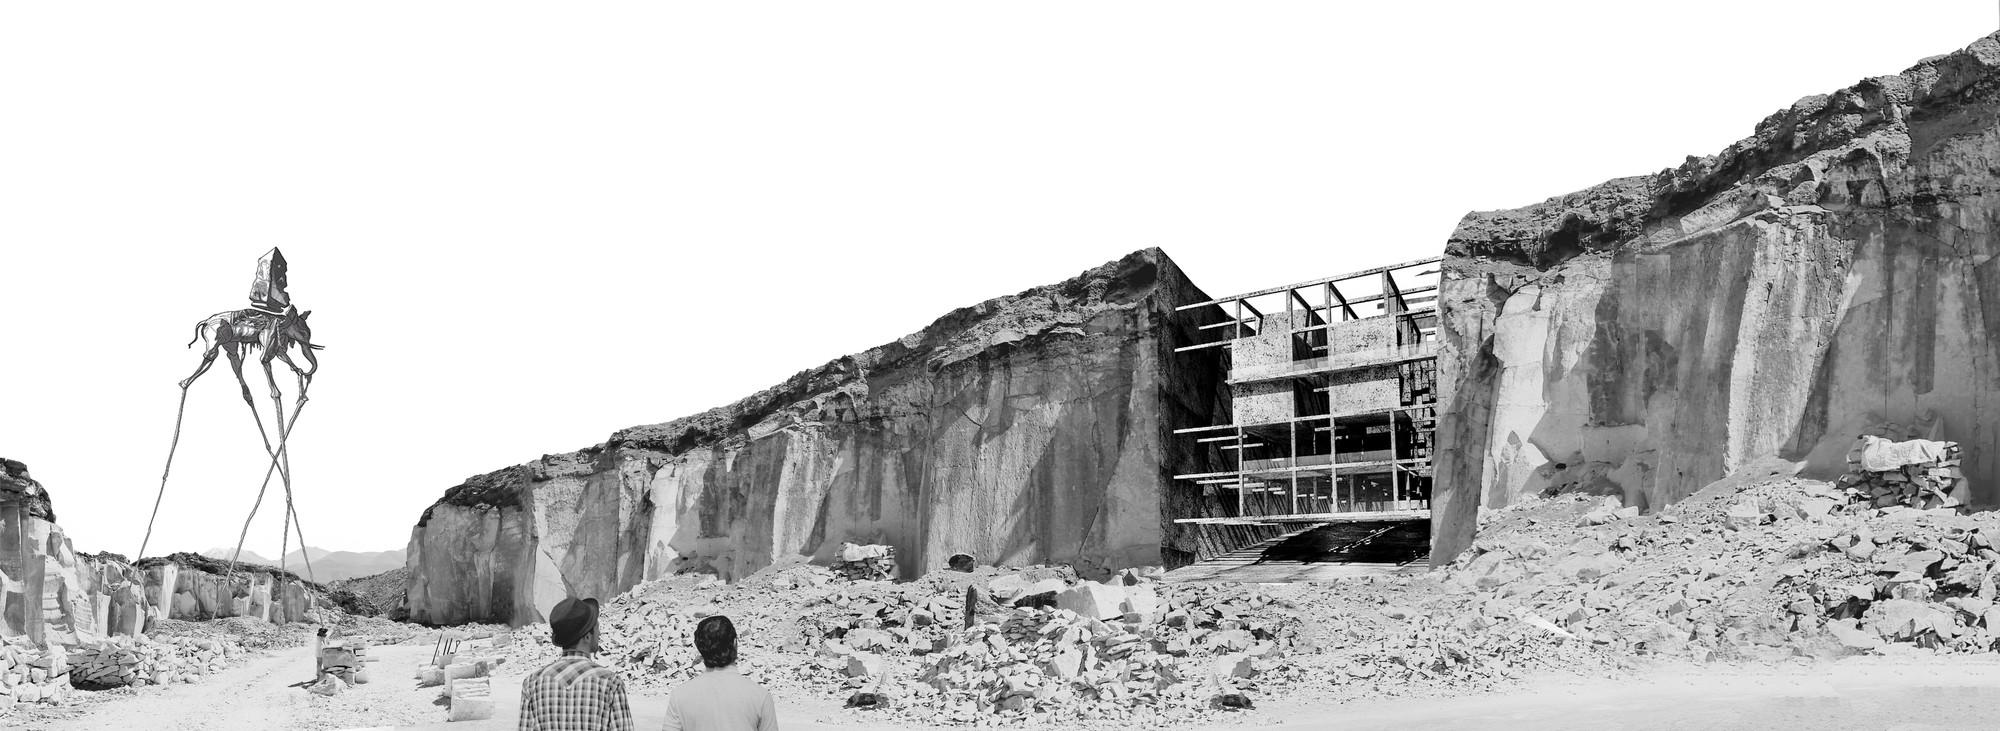 'Vivir en la piedra', Primer Lugar en concurso de ideas Inspiration Hotel 2014 / Arequipa, Perú, Cortesia de Equipo Primer Lugar